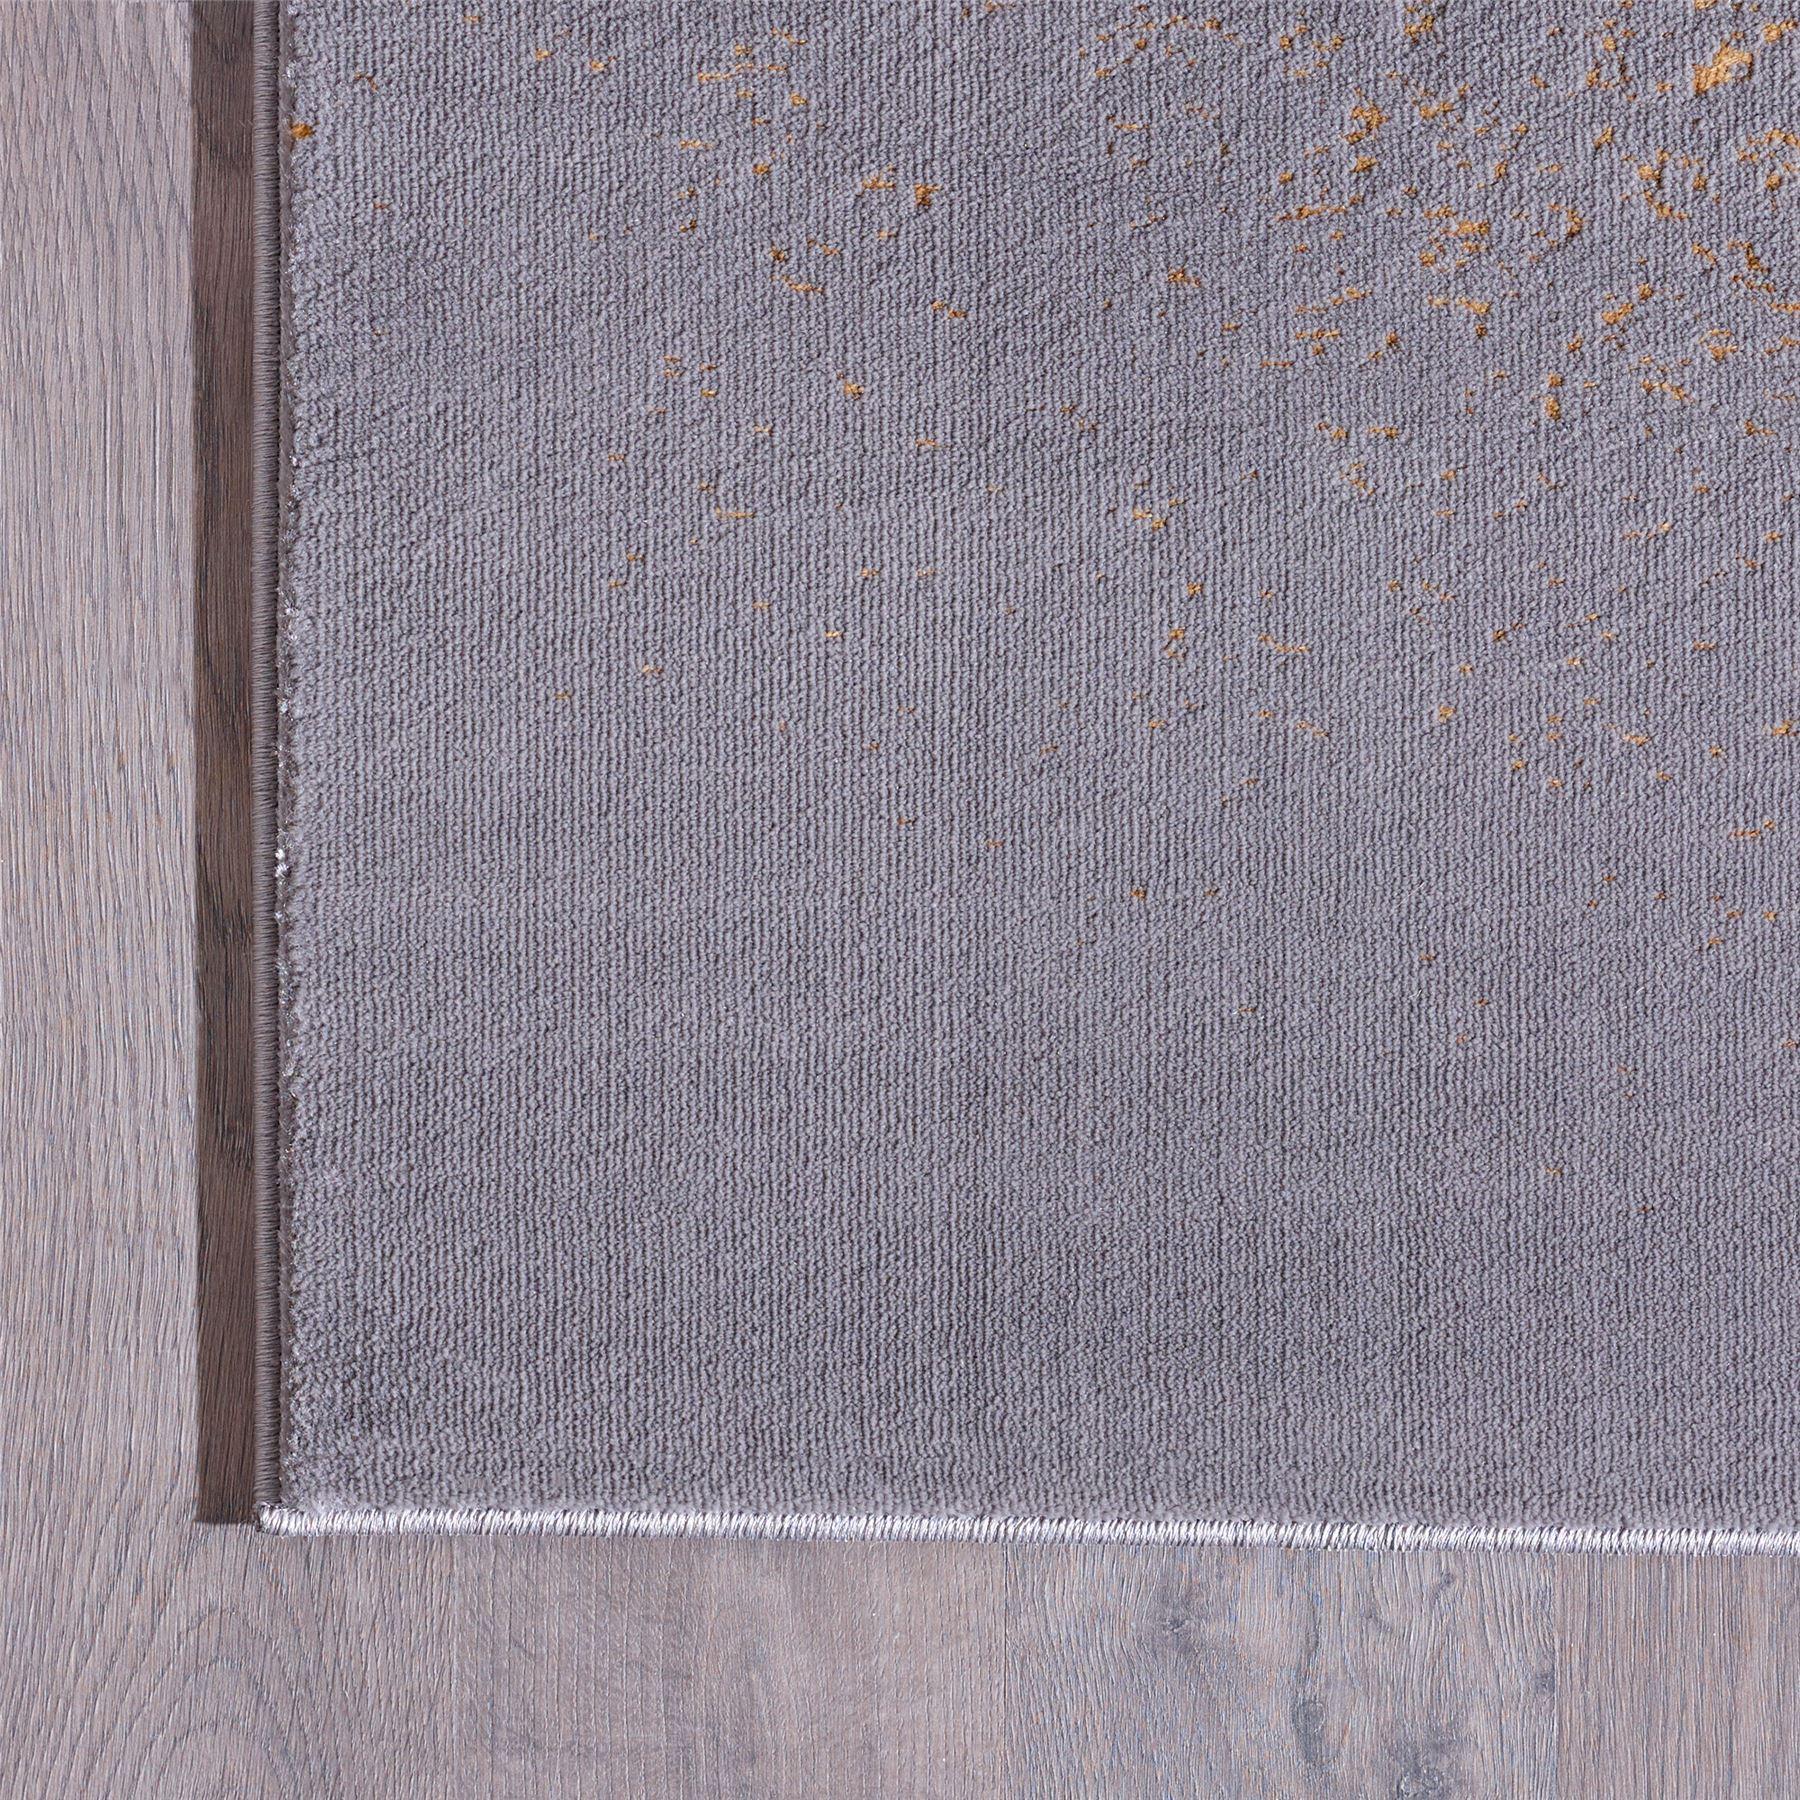 A2Z-alcance-de-sombra-geometrica-comprobado-patrones-Alfombra-Vintage-Fade-Dormitorio-Alfombras-de miniatura 40